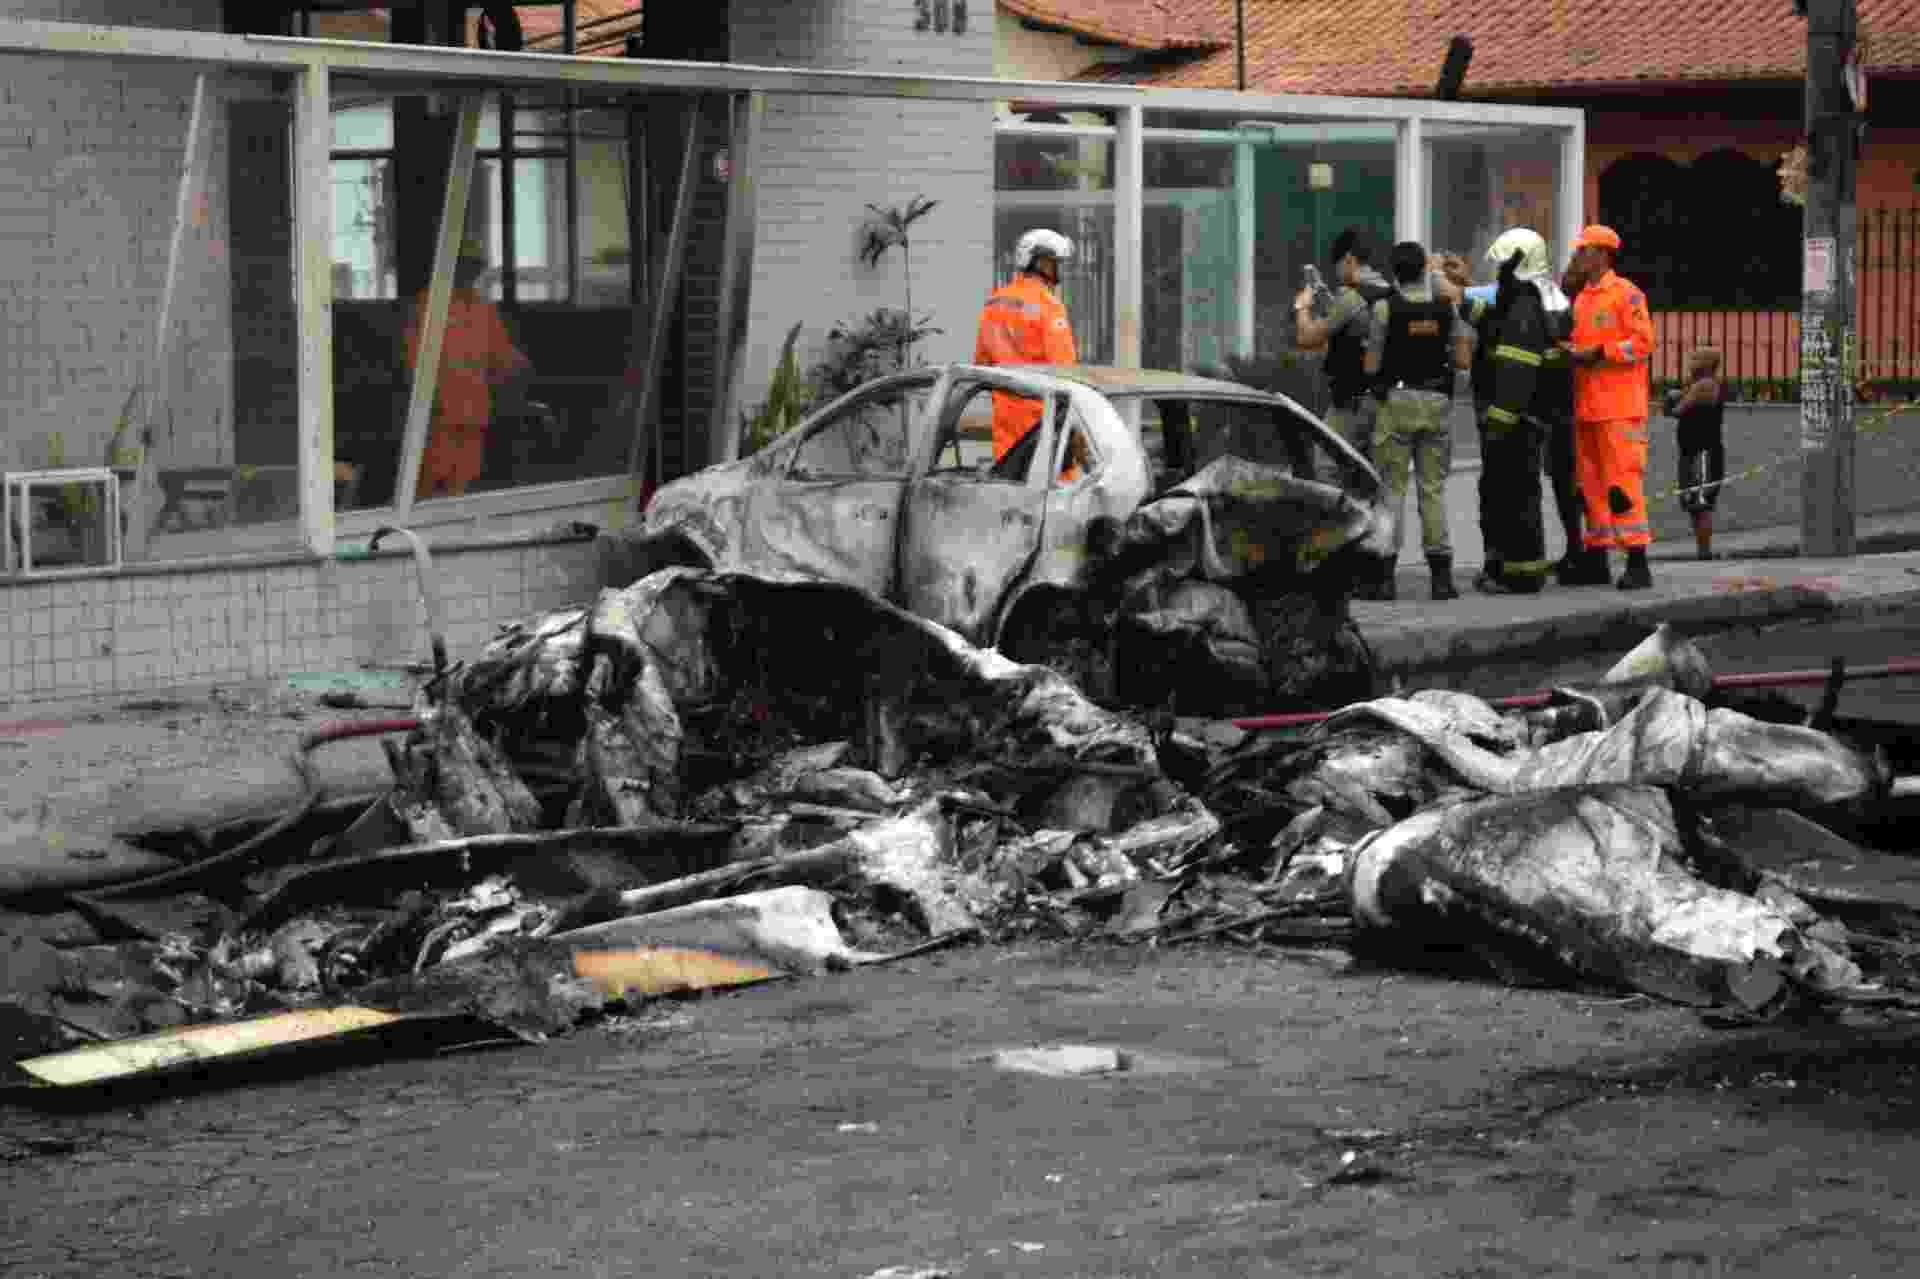 21.out.2019 - Um avião de pequeno porte com quatro pessoas a bordo caiu, na manhã de hoje, na rua Minerva, em Belo Horizonte (MG). O acidente atingiu veículos e deixou três pessoas mortas e outras três feridas - incluindo o piloto, que foi encaminhado a um hospital.  - ALEX DE JESUS/O TEMPO/ESTADÃO CONTEÚDO